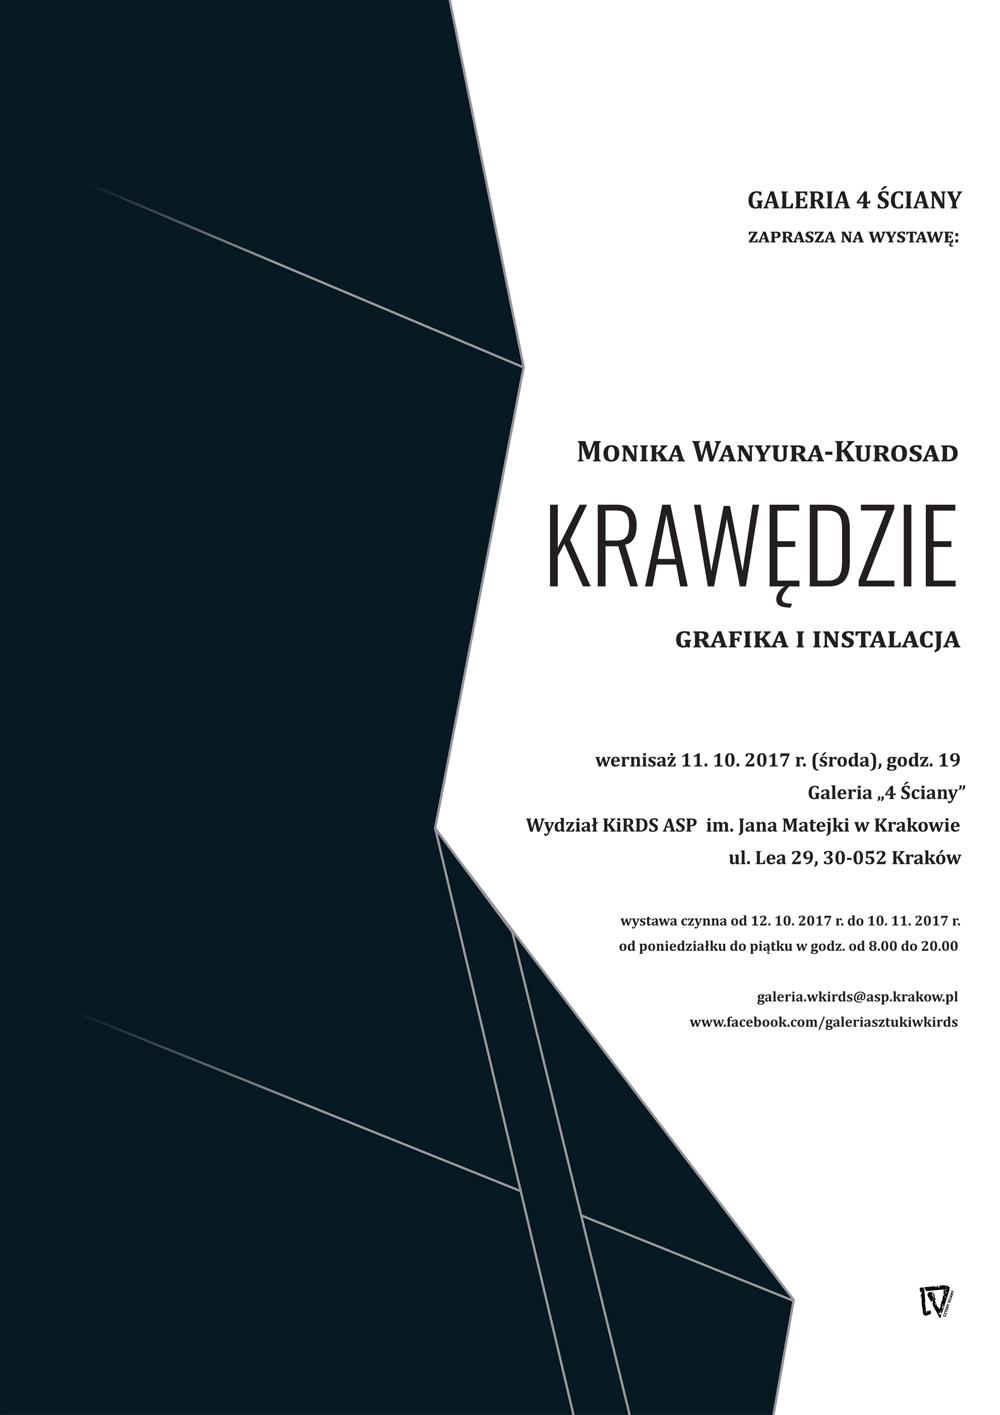 Wystawa Moniki Wanyura-Kurosad